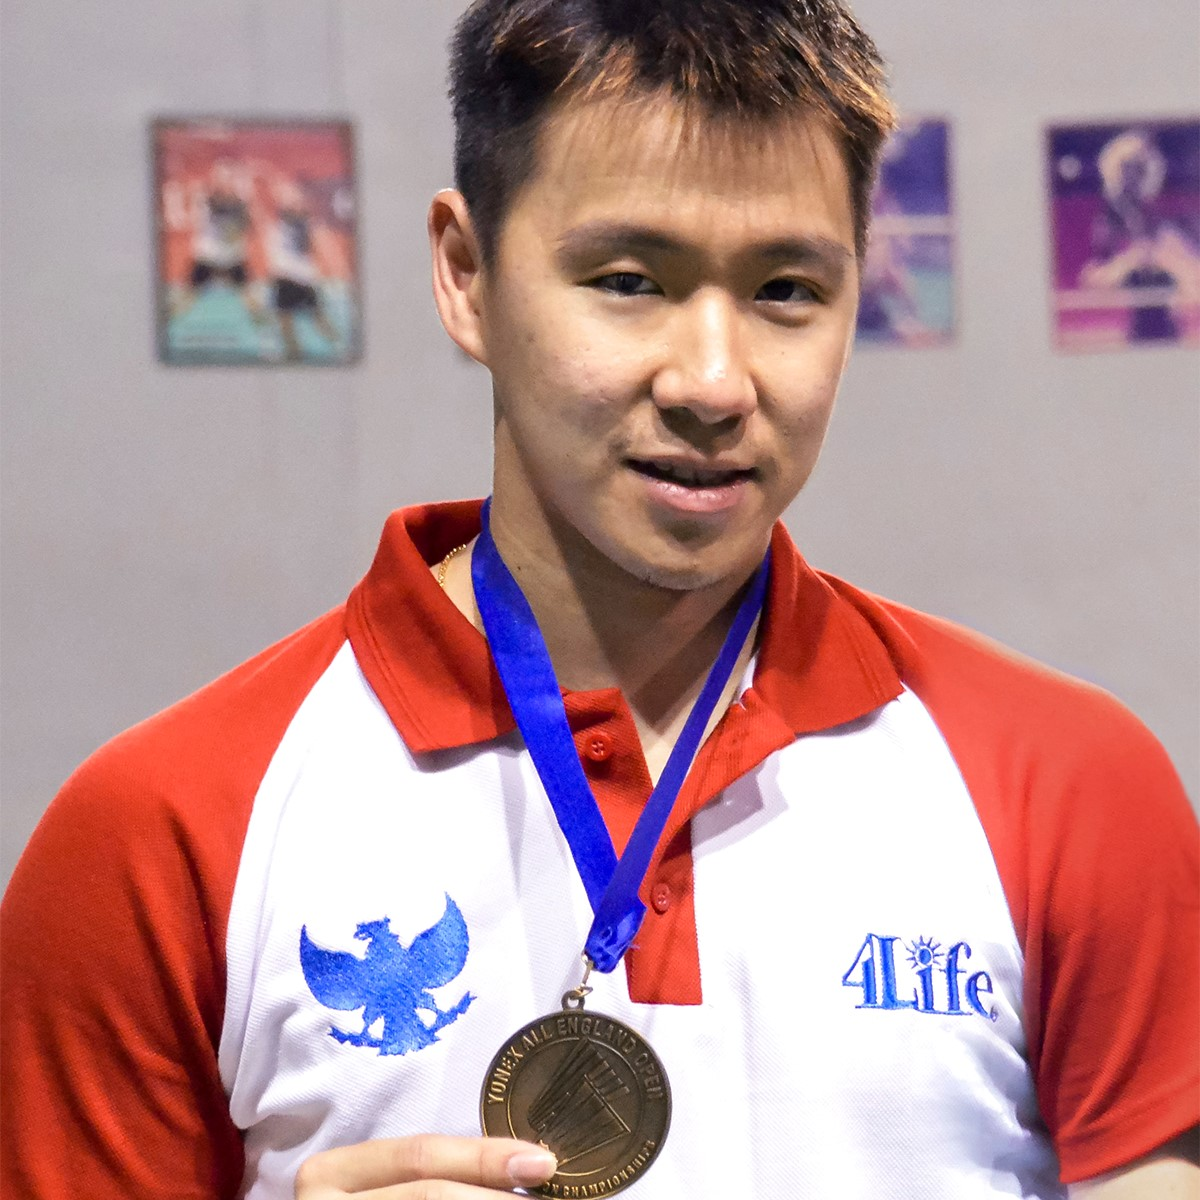 Campeón mundial de bádminton se une a Team 4Life